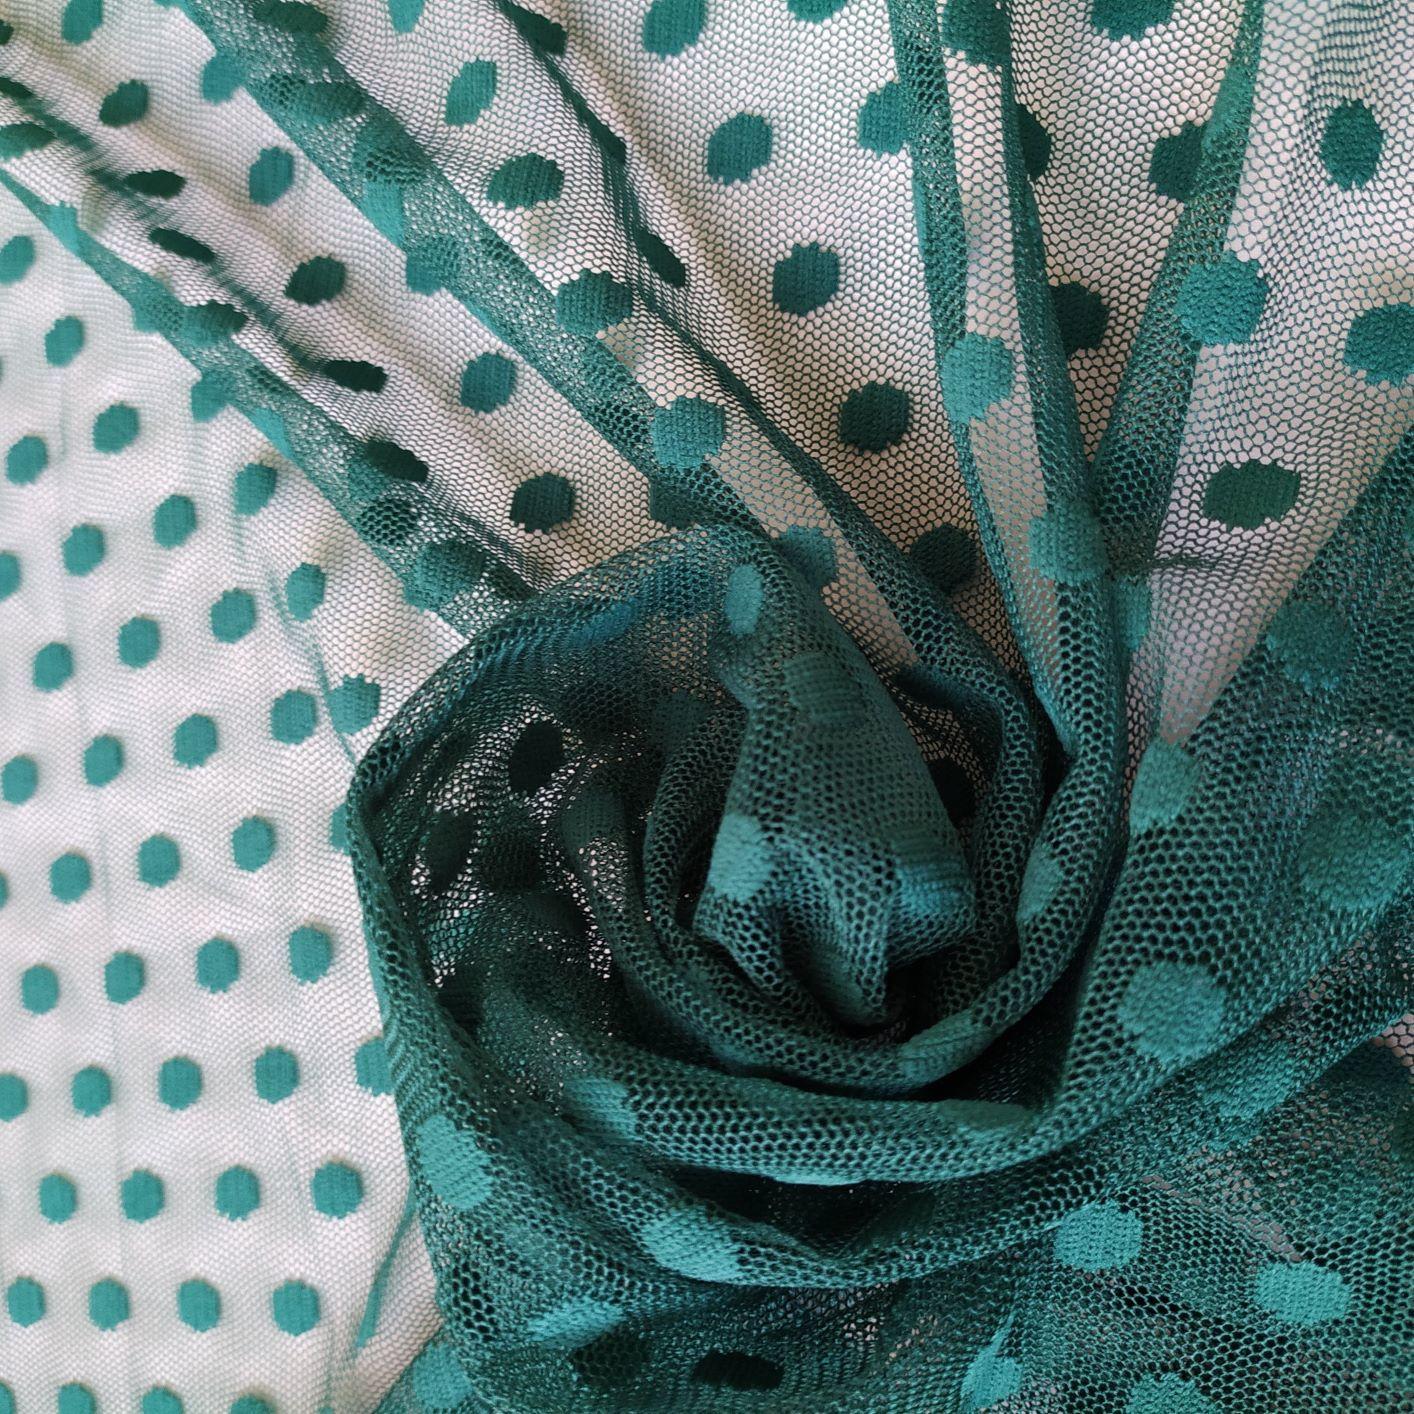 Tecido Tule Poá Point Sprit Verde Esmeralda 1 cm